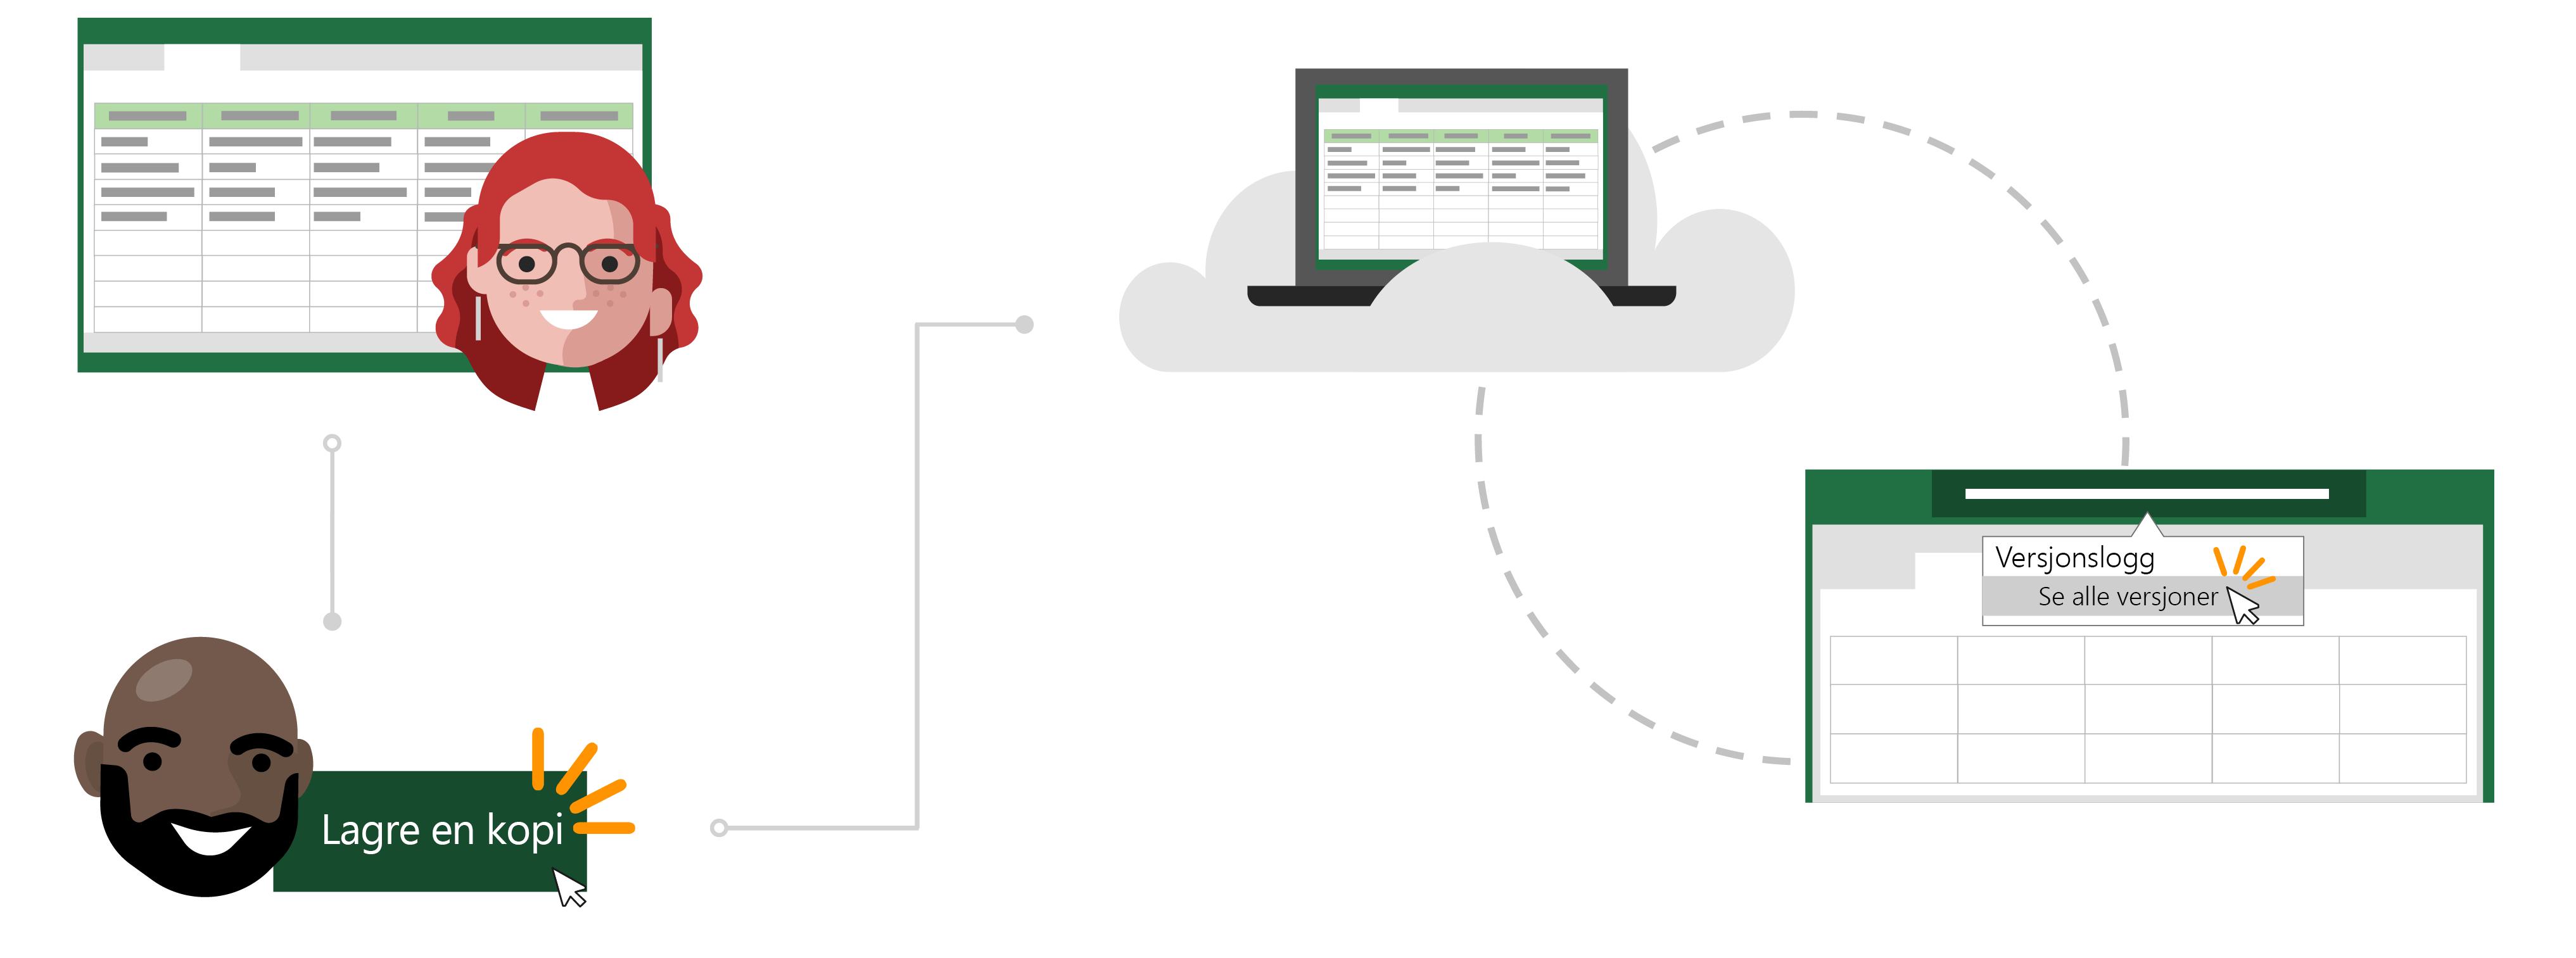 Bruk en eksisterende fil i skyen som en mal for en ny fil ved hjelp av lagre en kopi.